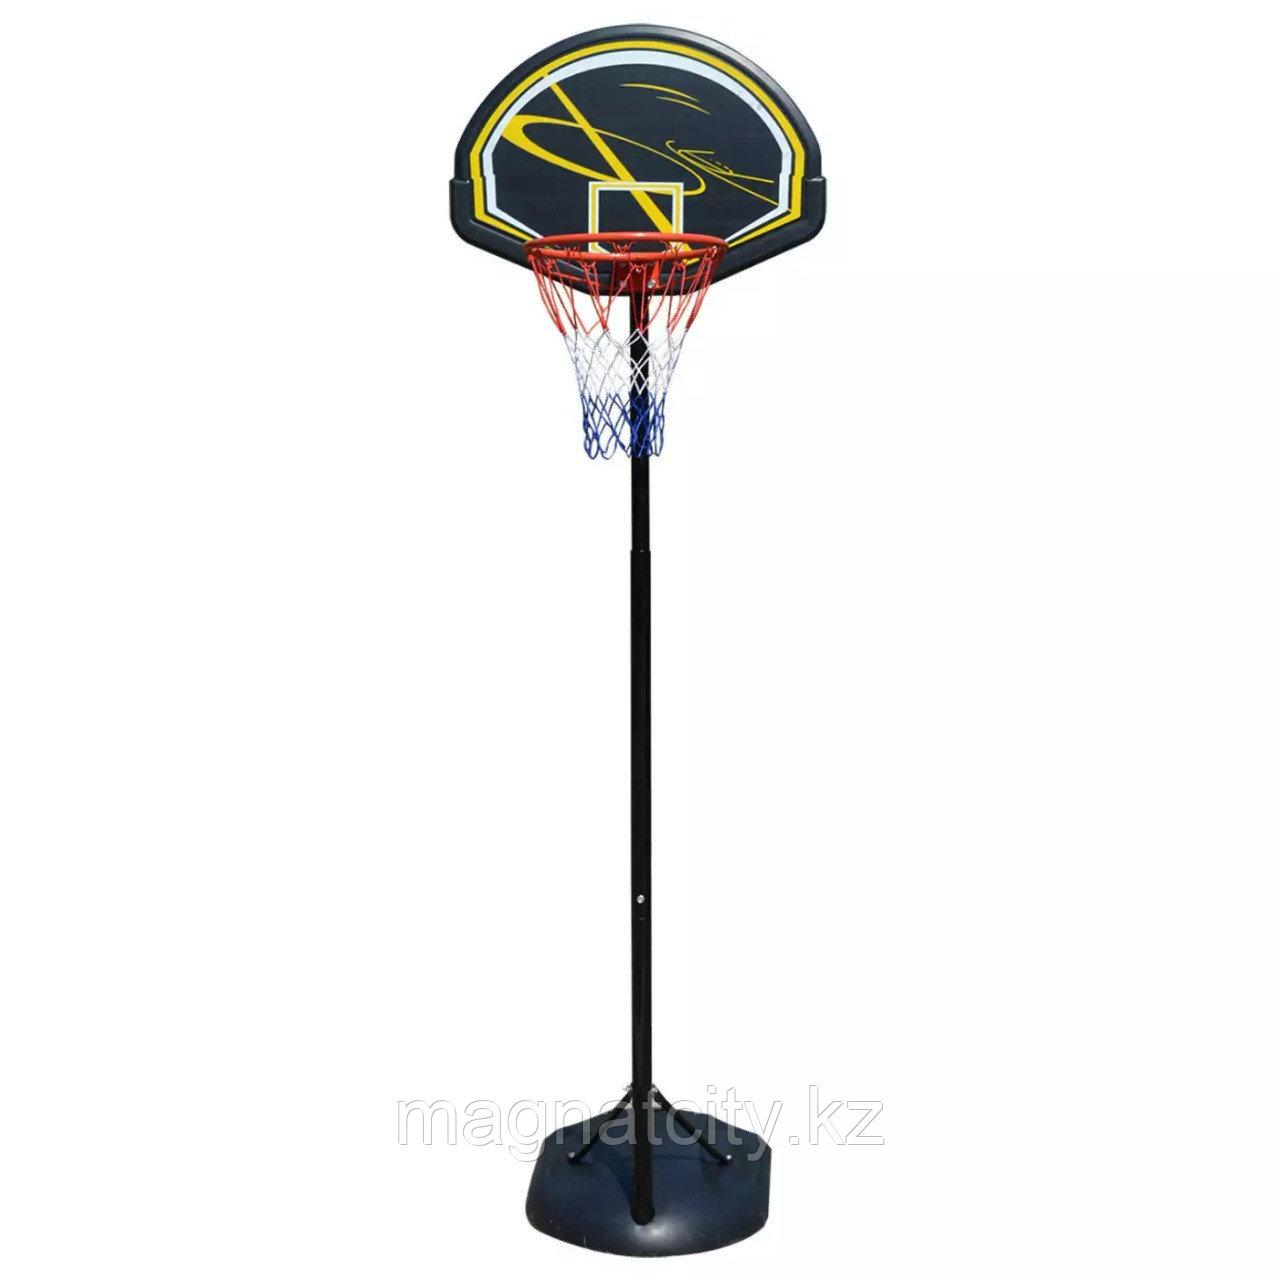 Мобильная баскетбольная стойка S016